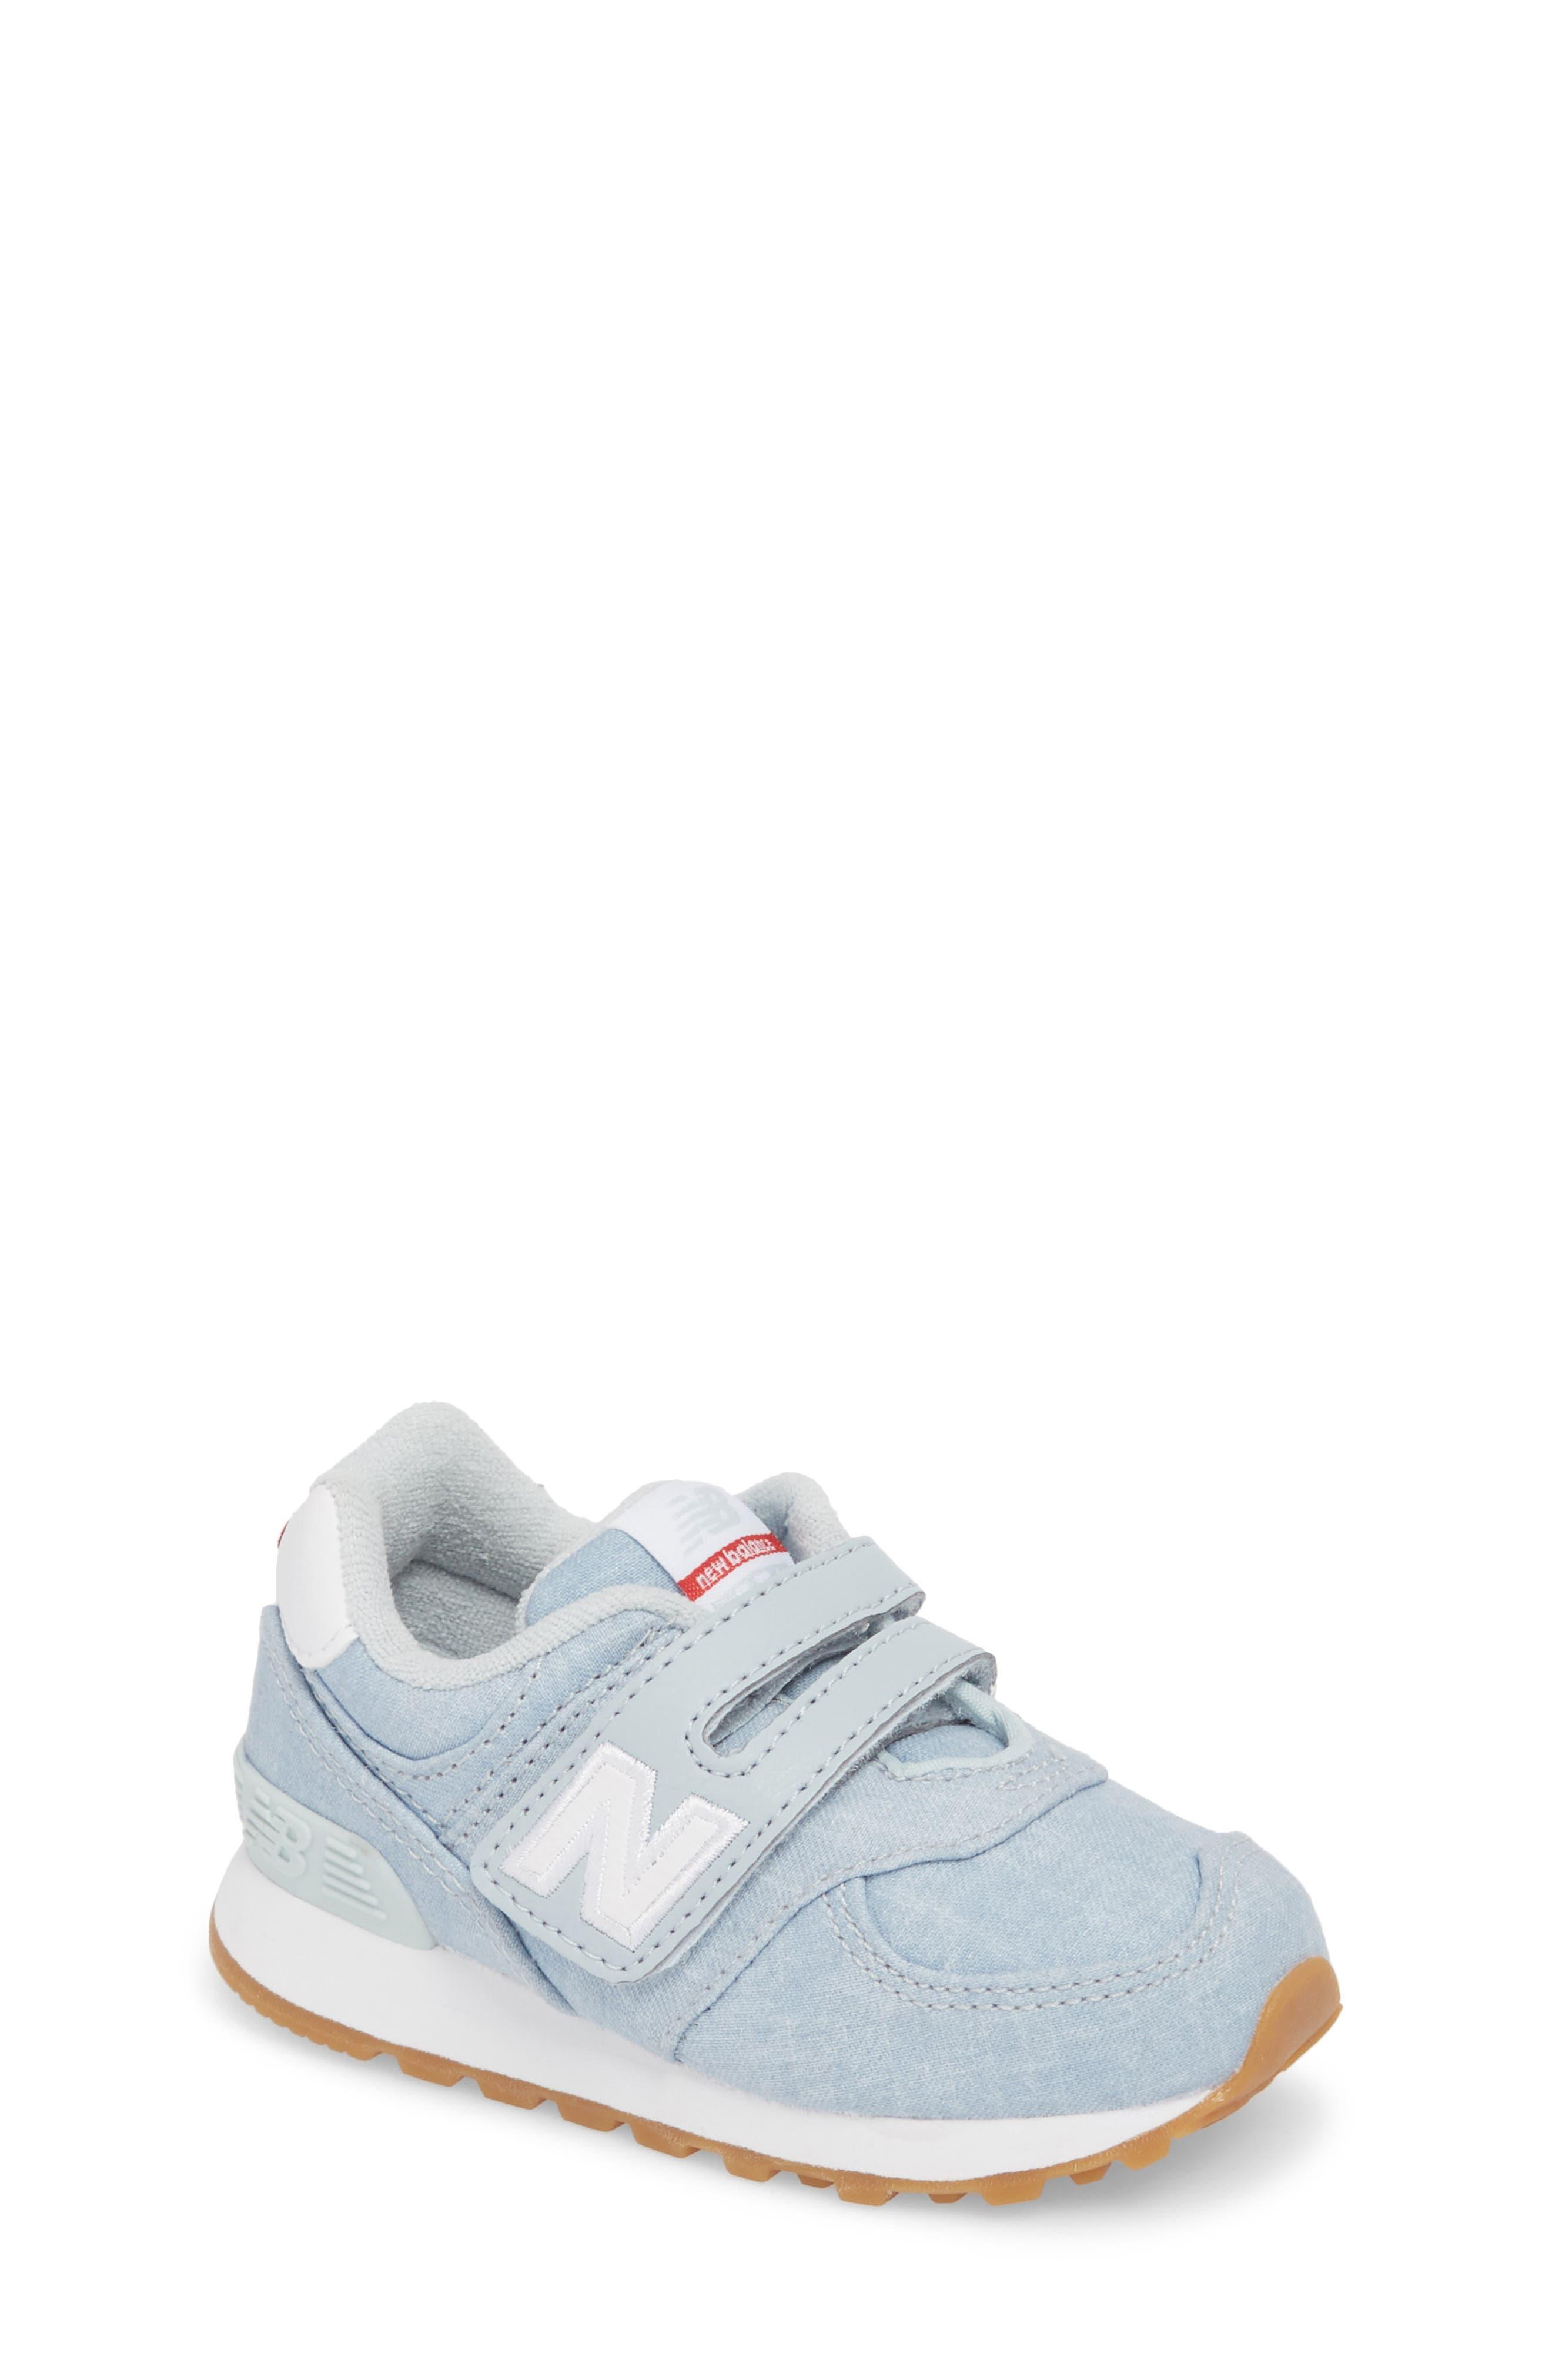 574v1 Sneaker,                             Main thumbnail 1, color,                             Light Porcelain Blue